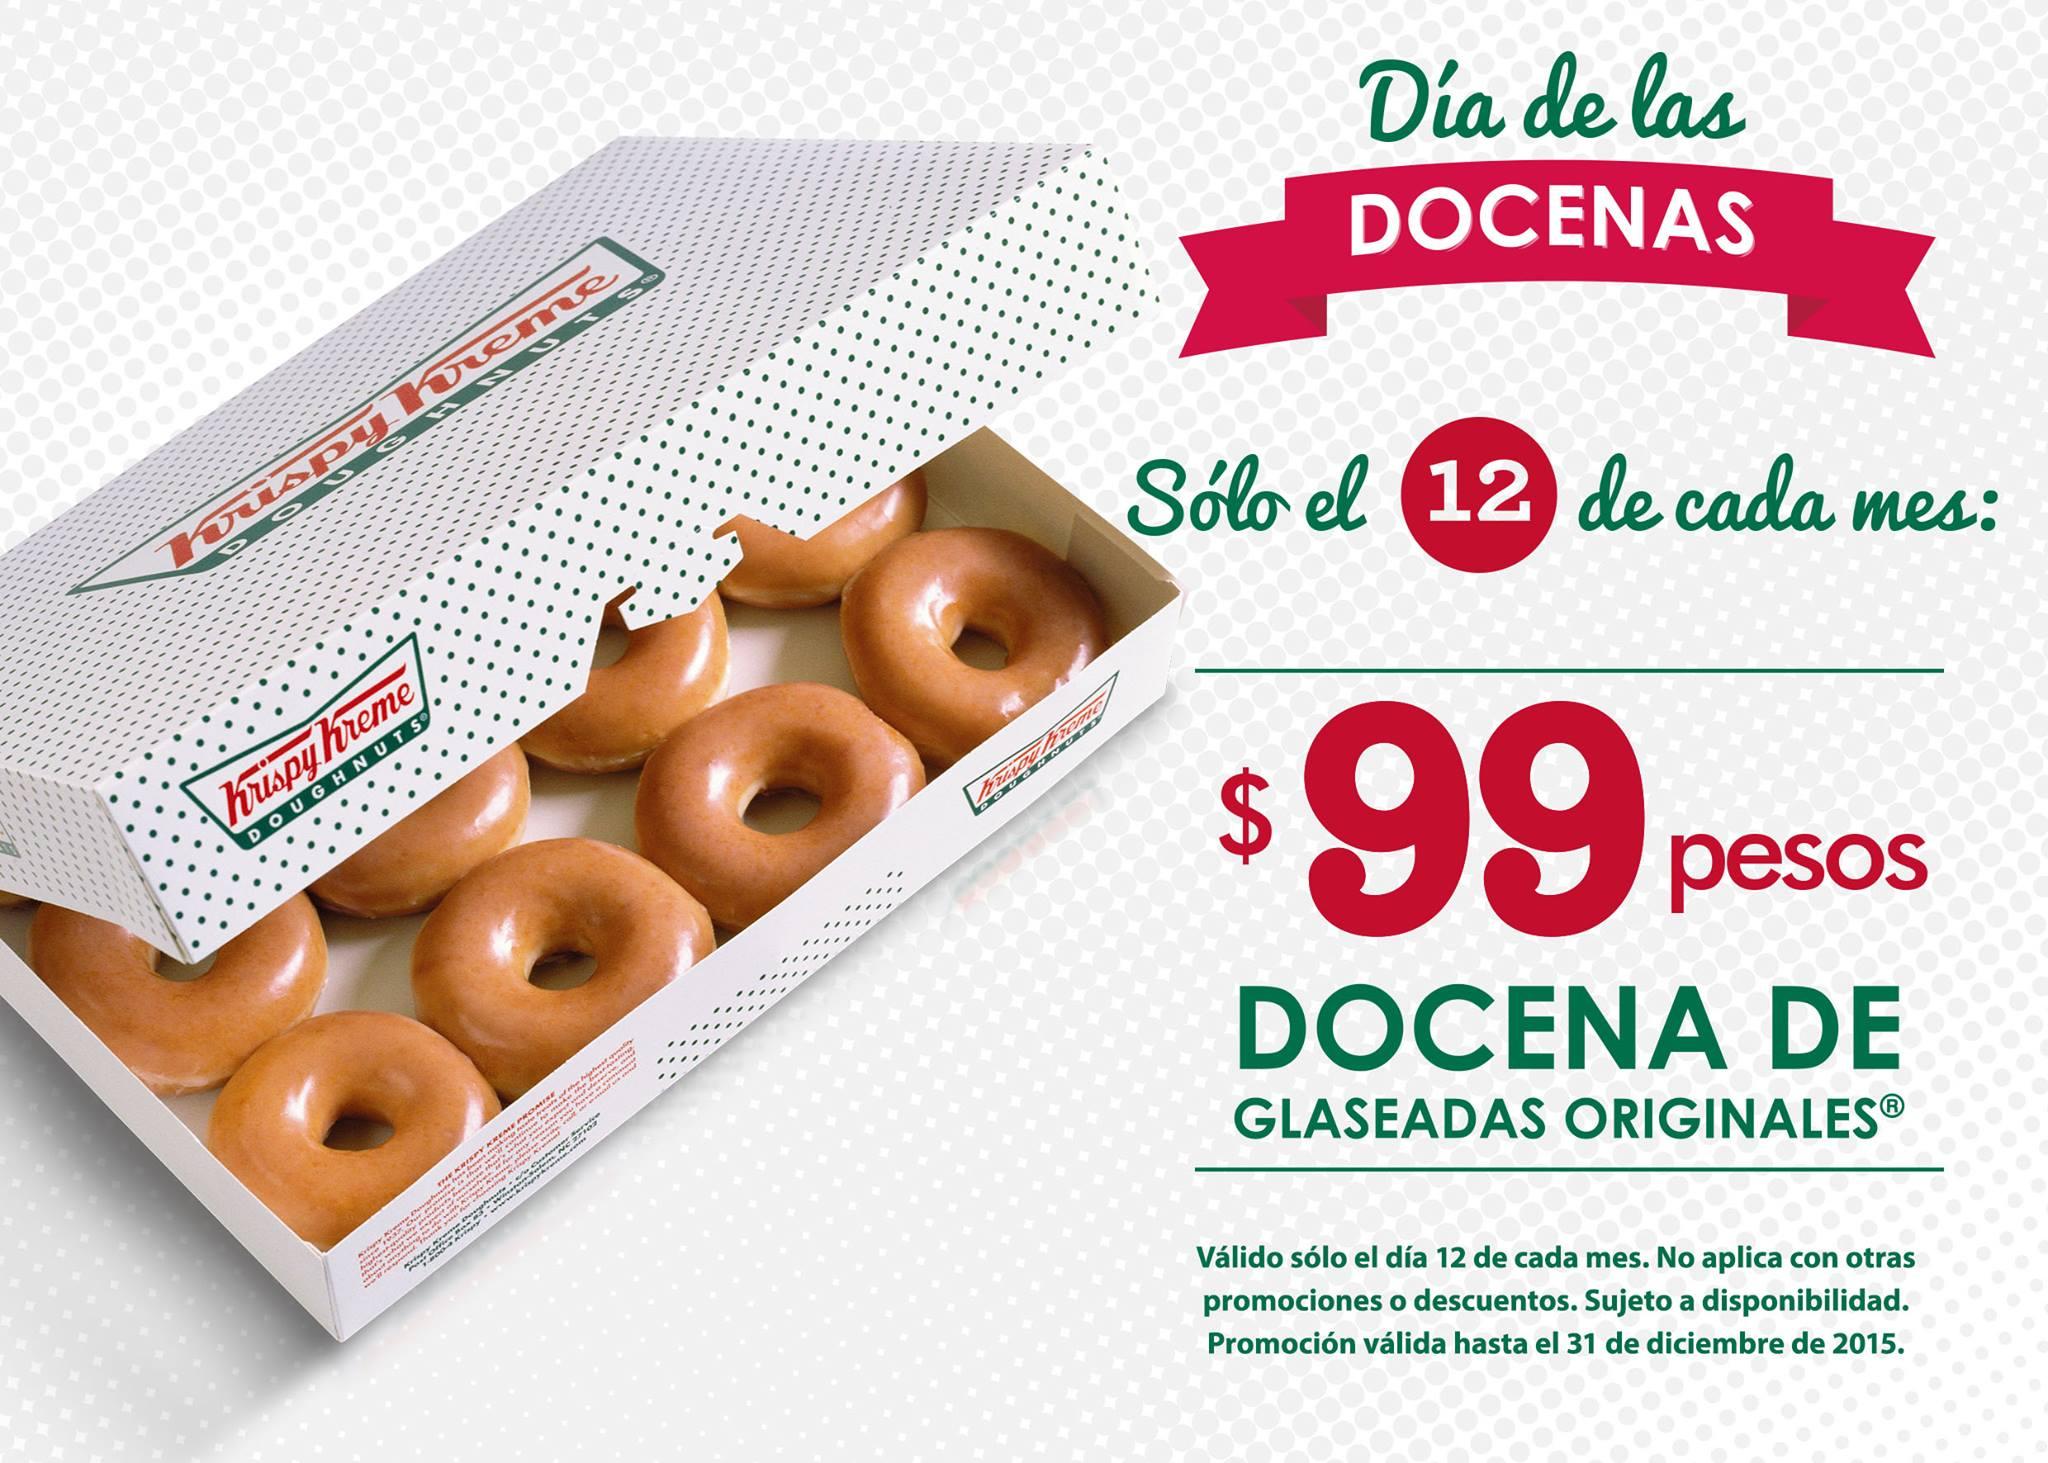 Krispy Kreme: Día de las docenas.